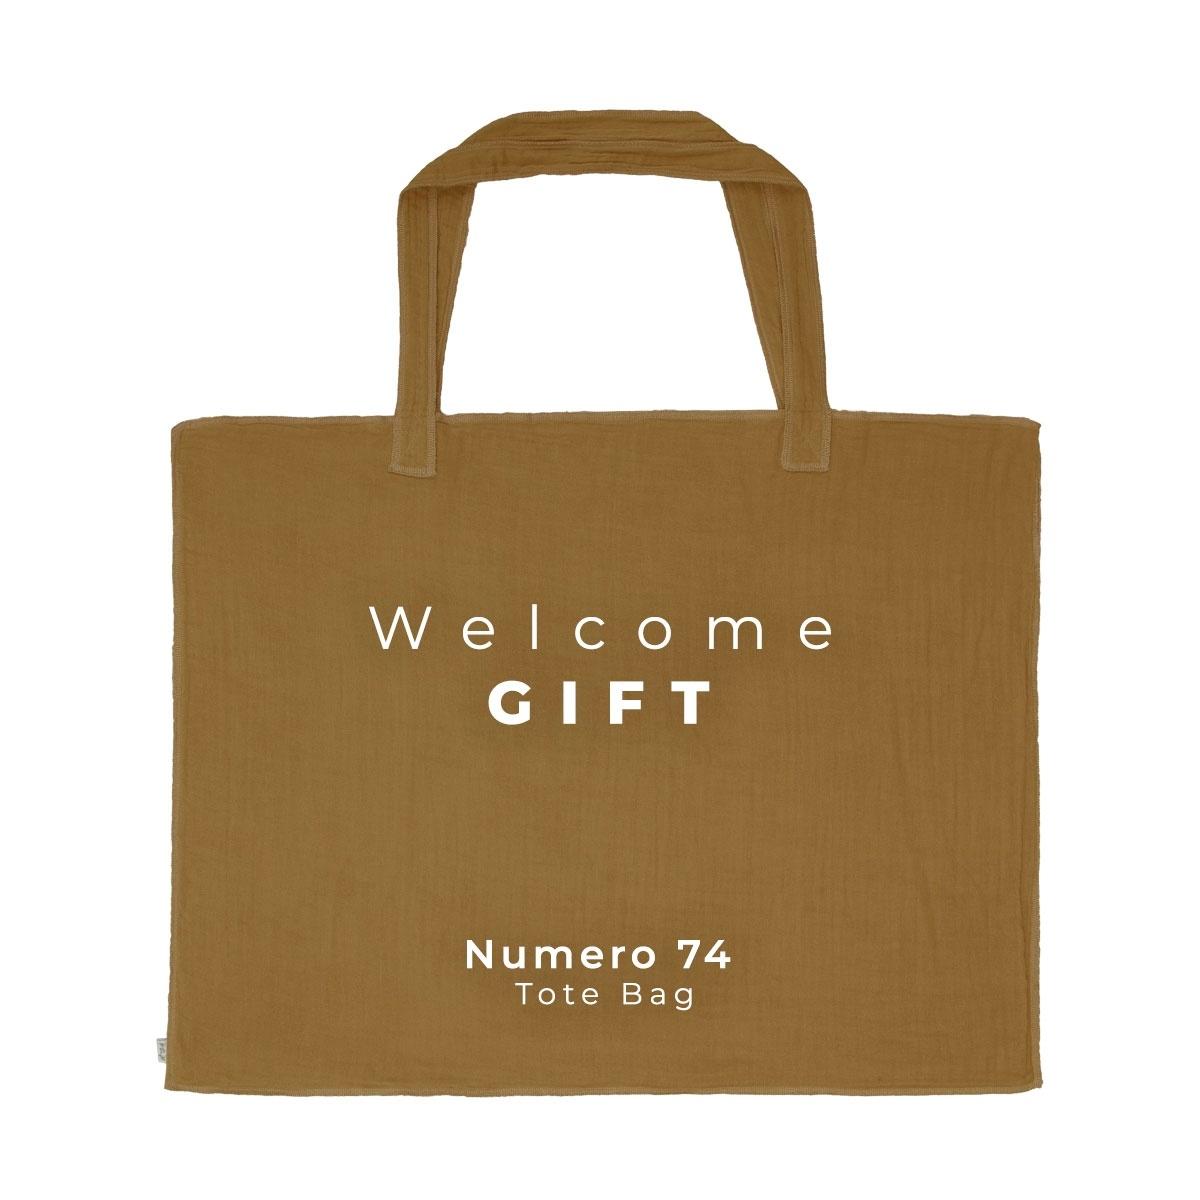 WelcomeGift -